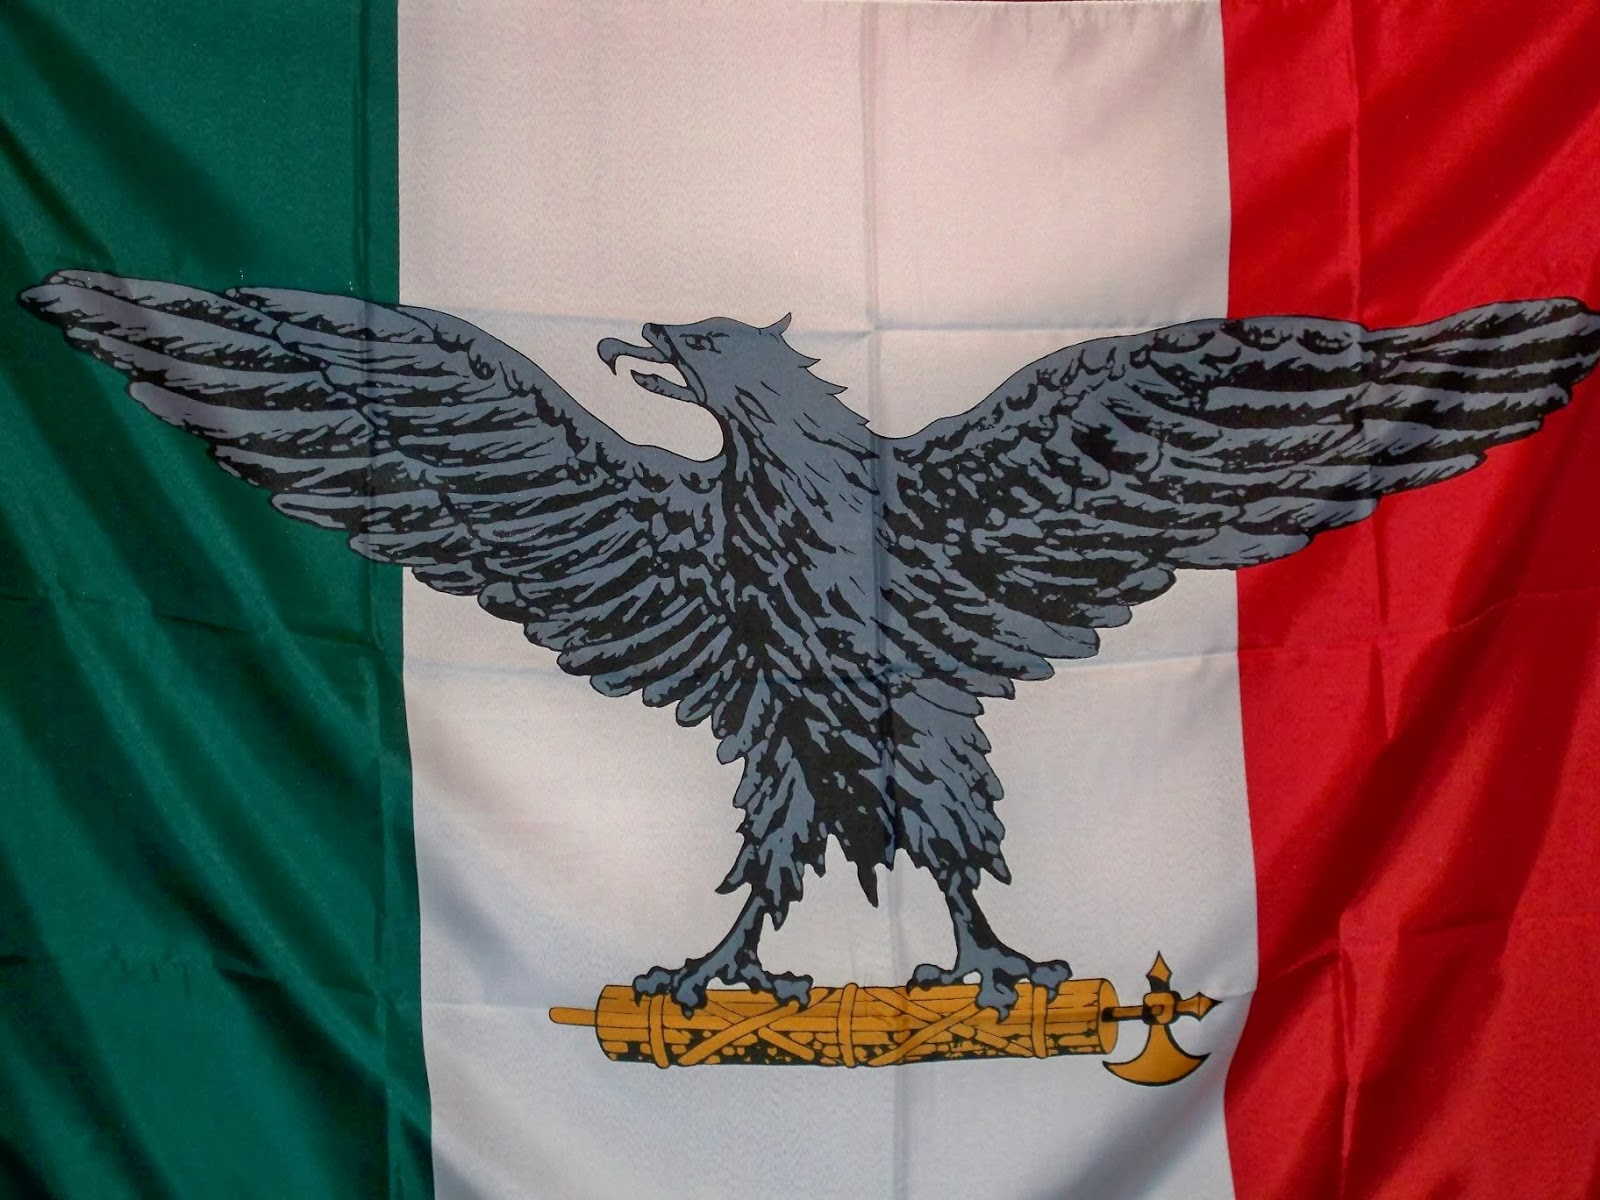 Bandiera della Repubblica Sociale alla finestra, scatta la denuncia